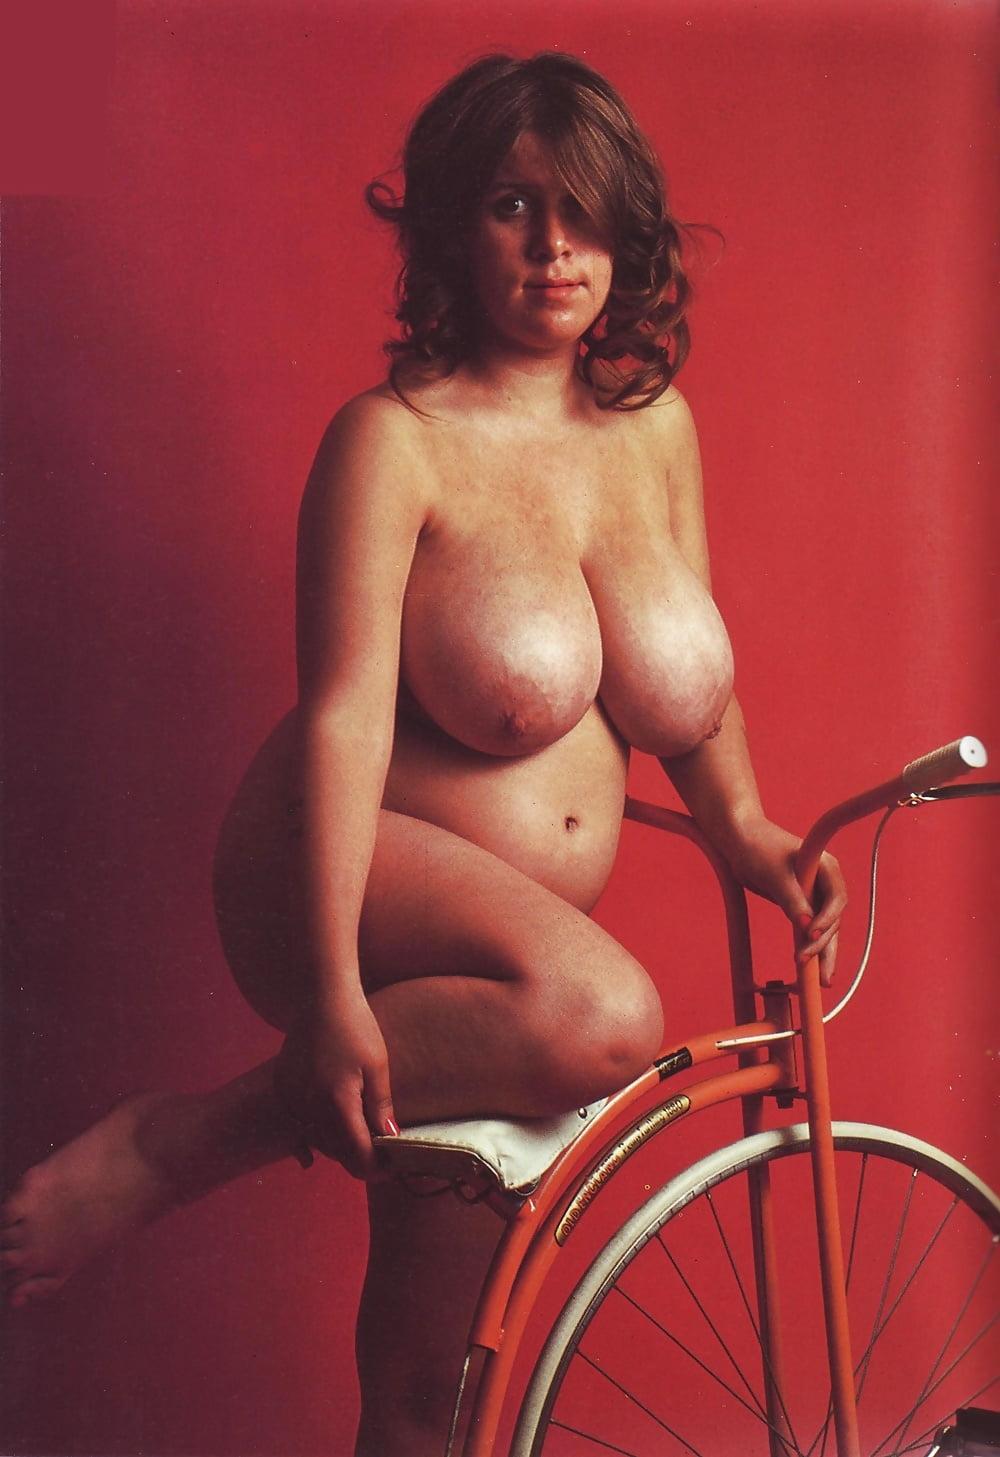 zero-slut-vintage-boobs-galleries